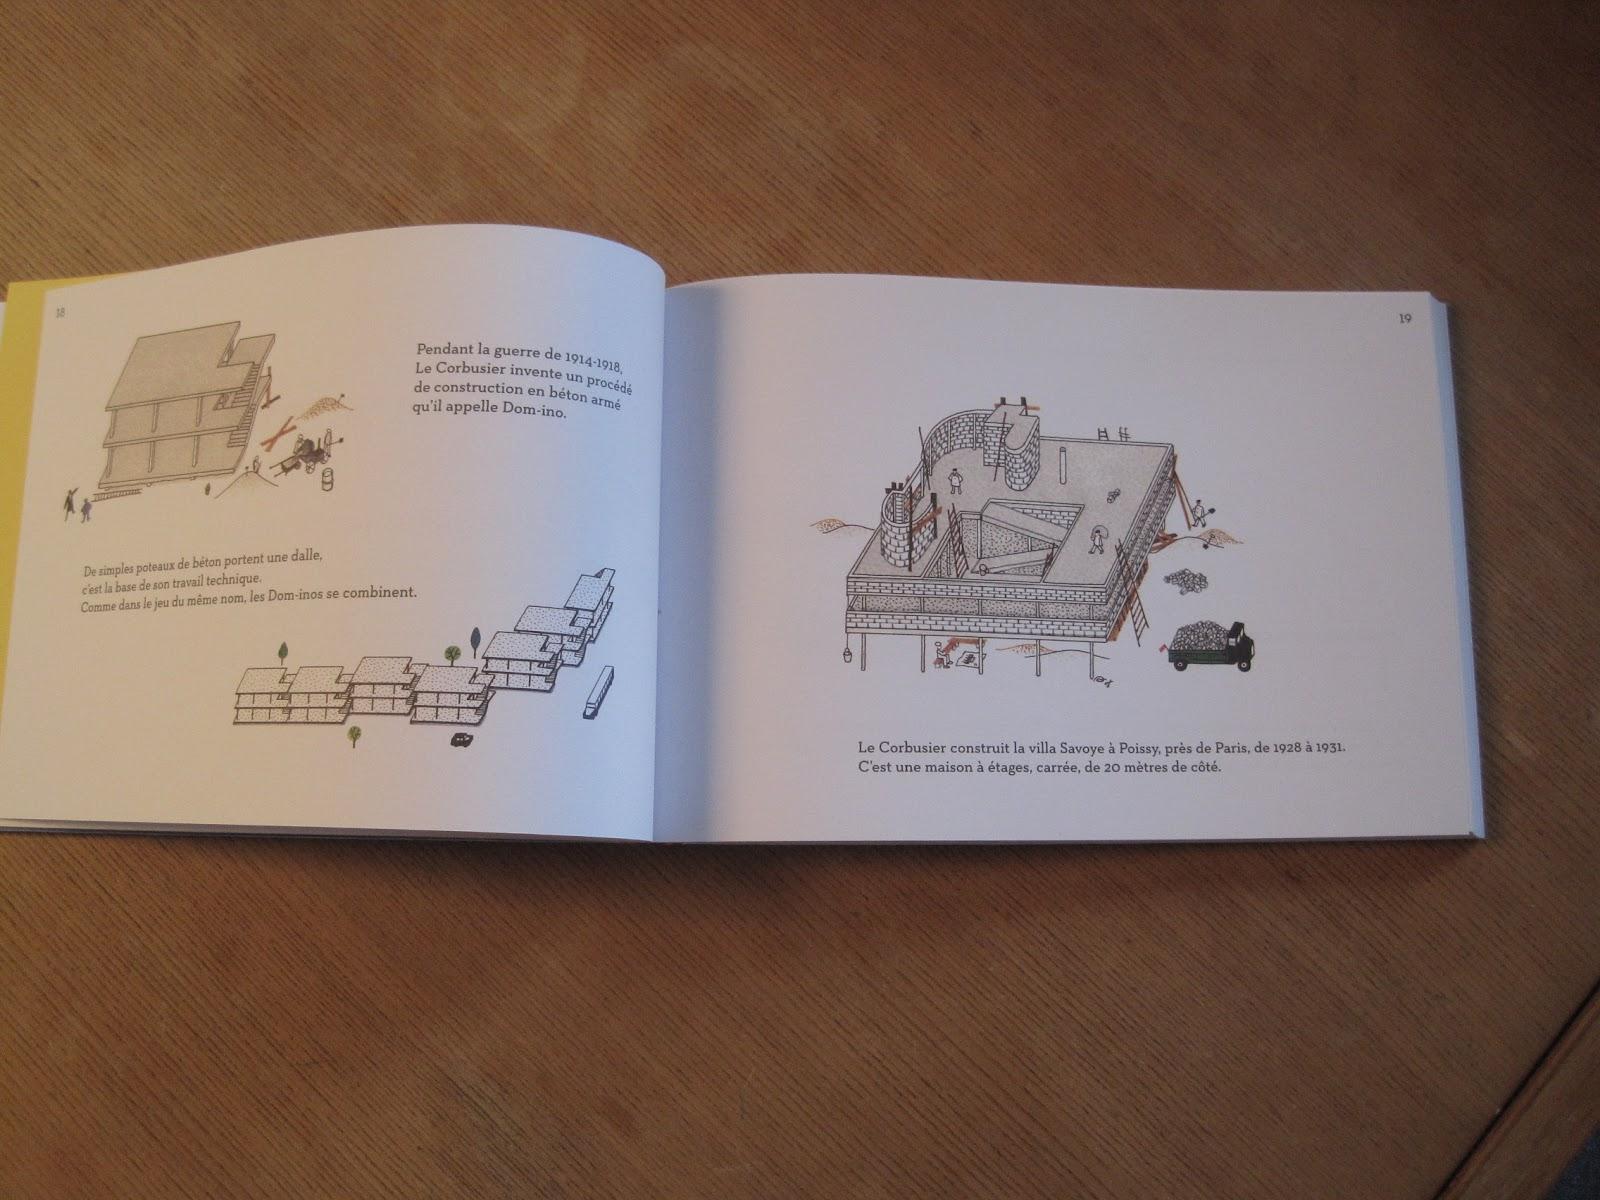 les cinq points de l 39 architecture moderne expliqu s aux enfants la vie des formes. Black Bedroom Furniture Sets. Home Design Ideas